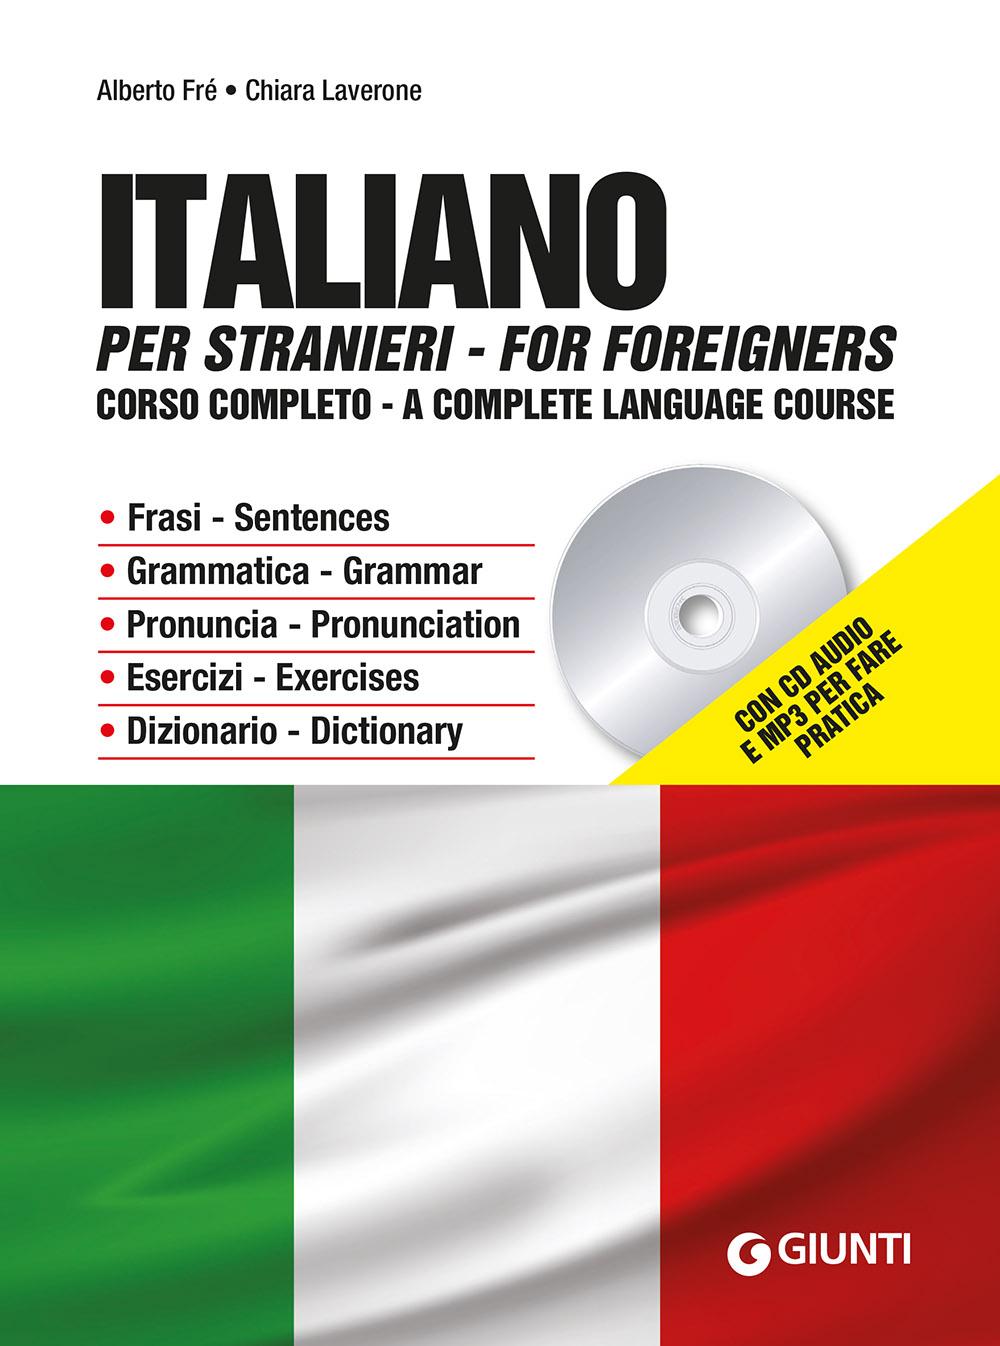 Italiano per stranieri. Corso completo con CD e MP3